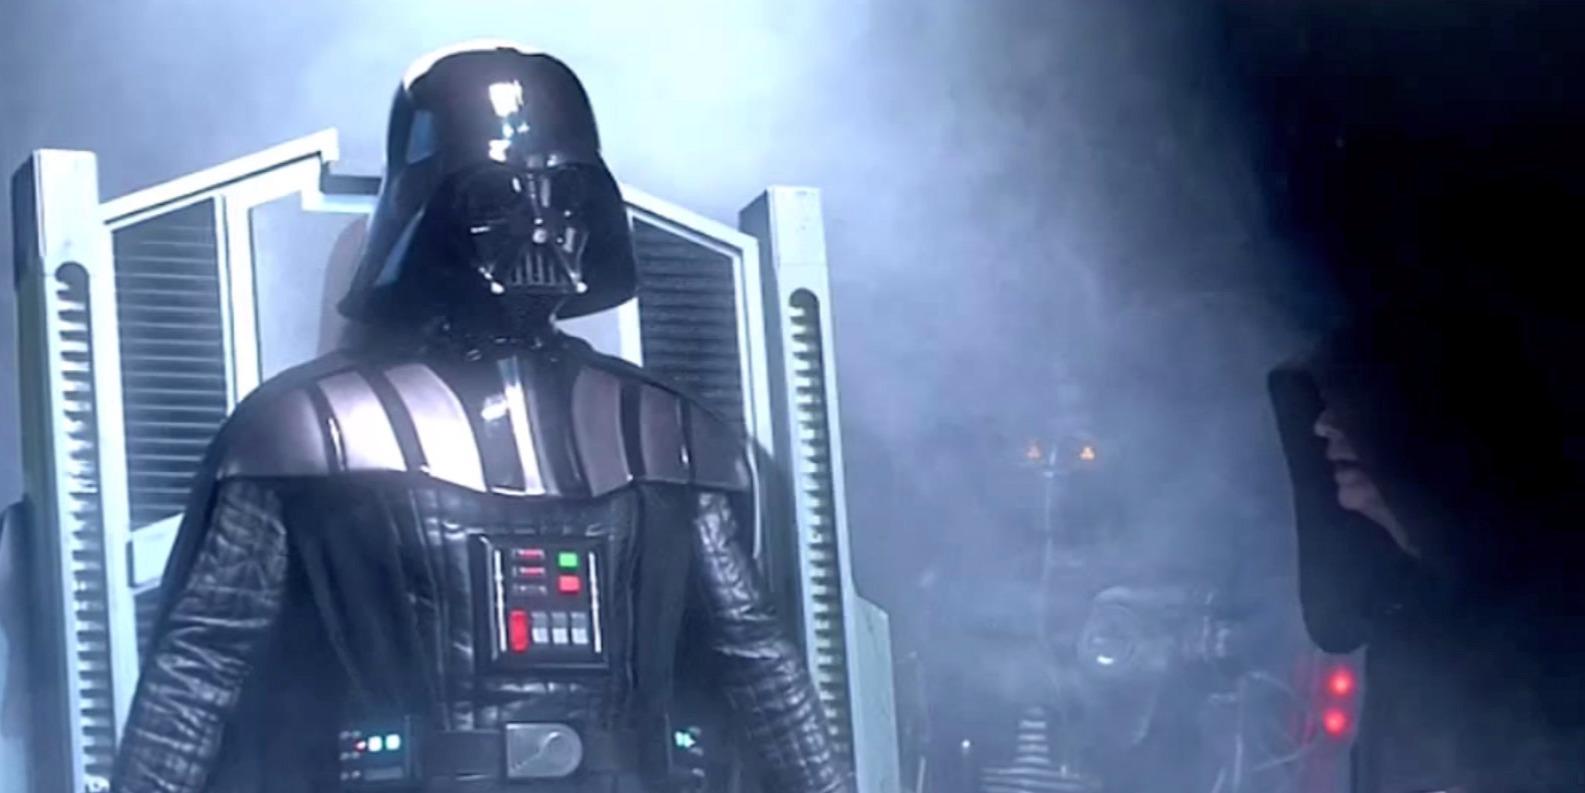 Vstajenje Dartha Vaderja v filmu Vojna zvezd maščevanje sitha (star wars revange of the sith)